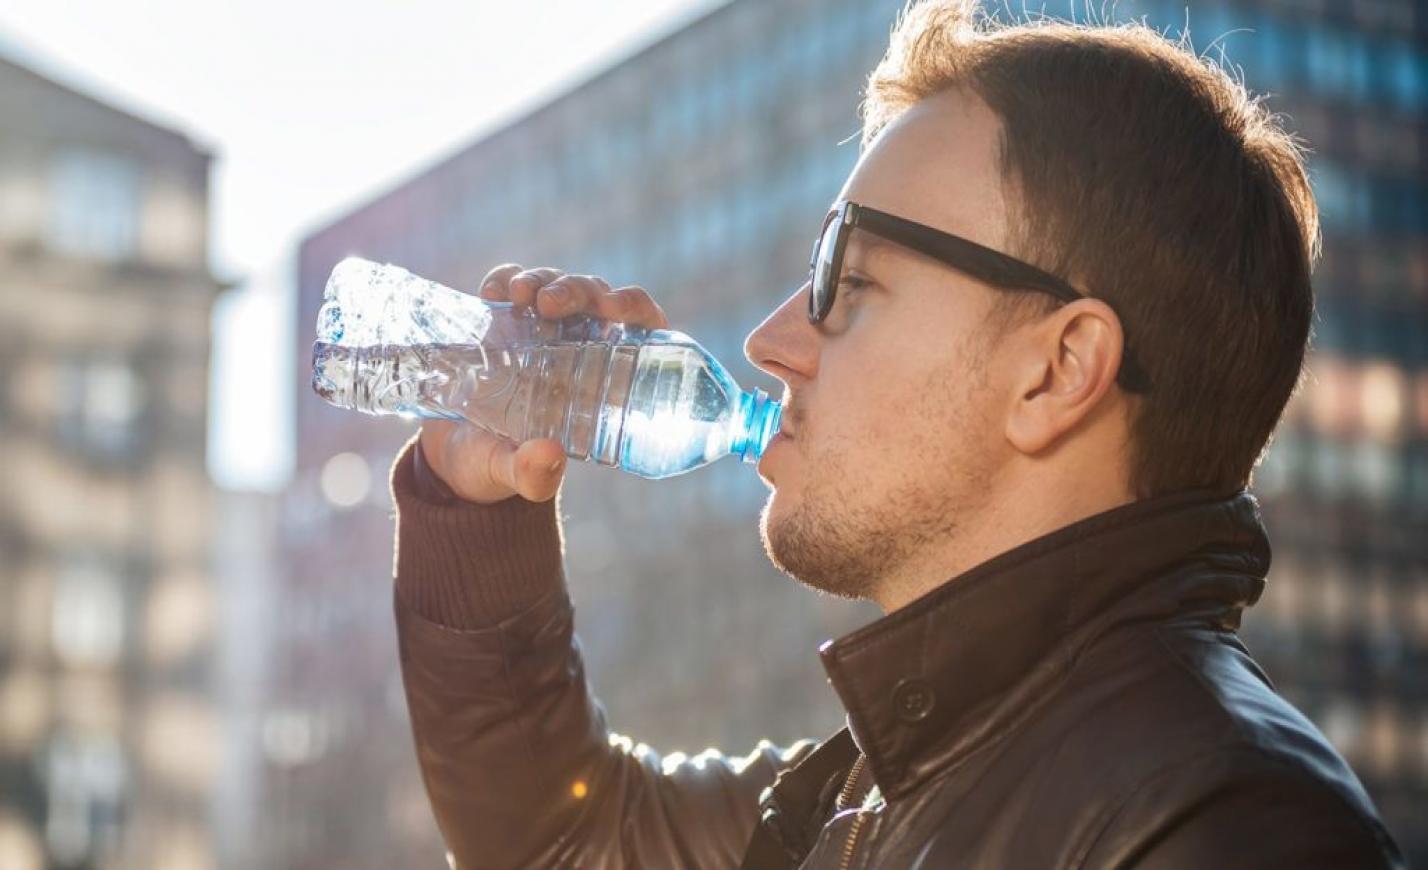 Mérgező anyag szivárog a műanyag palackokból